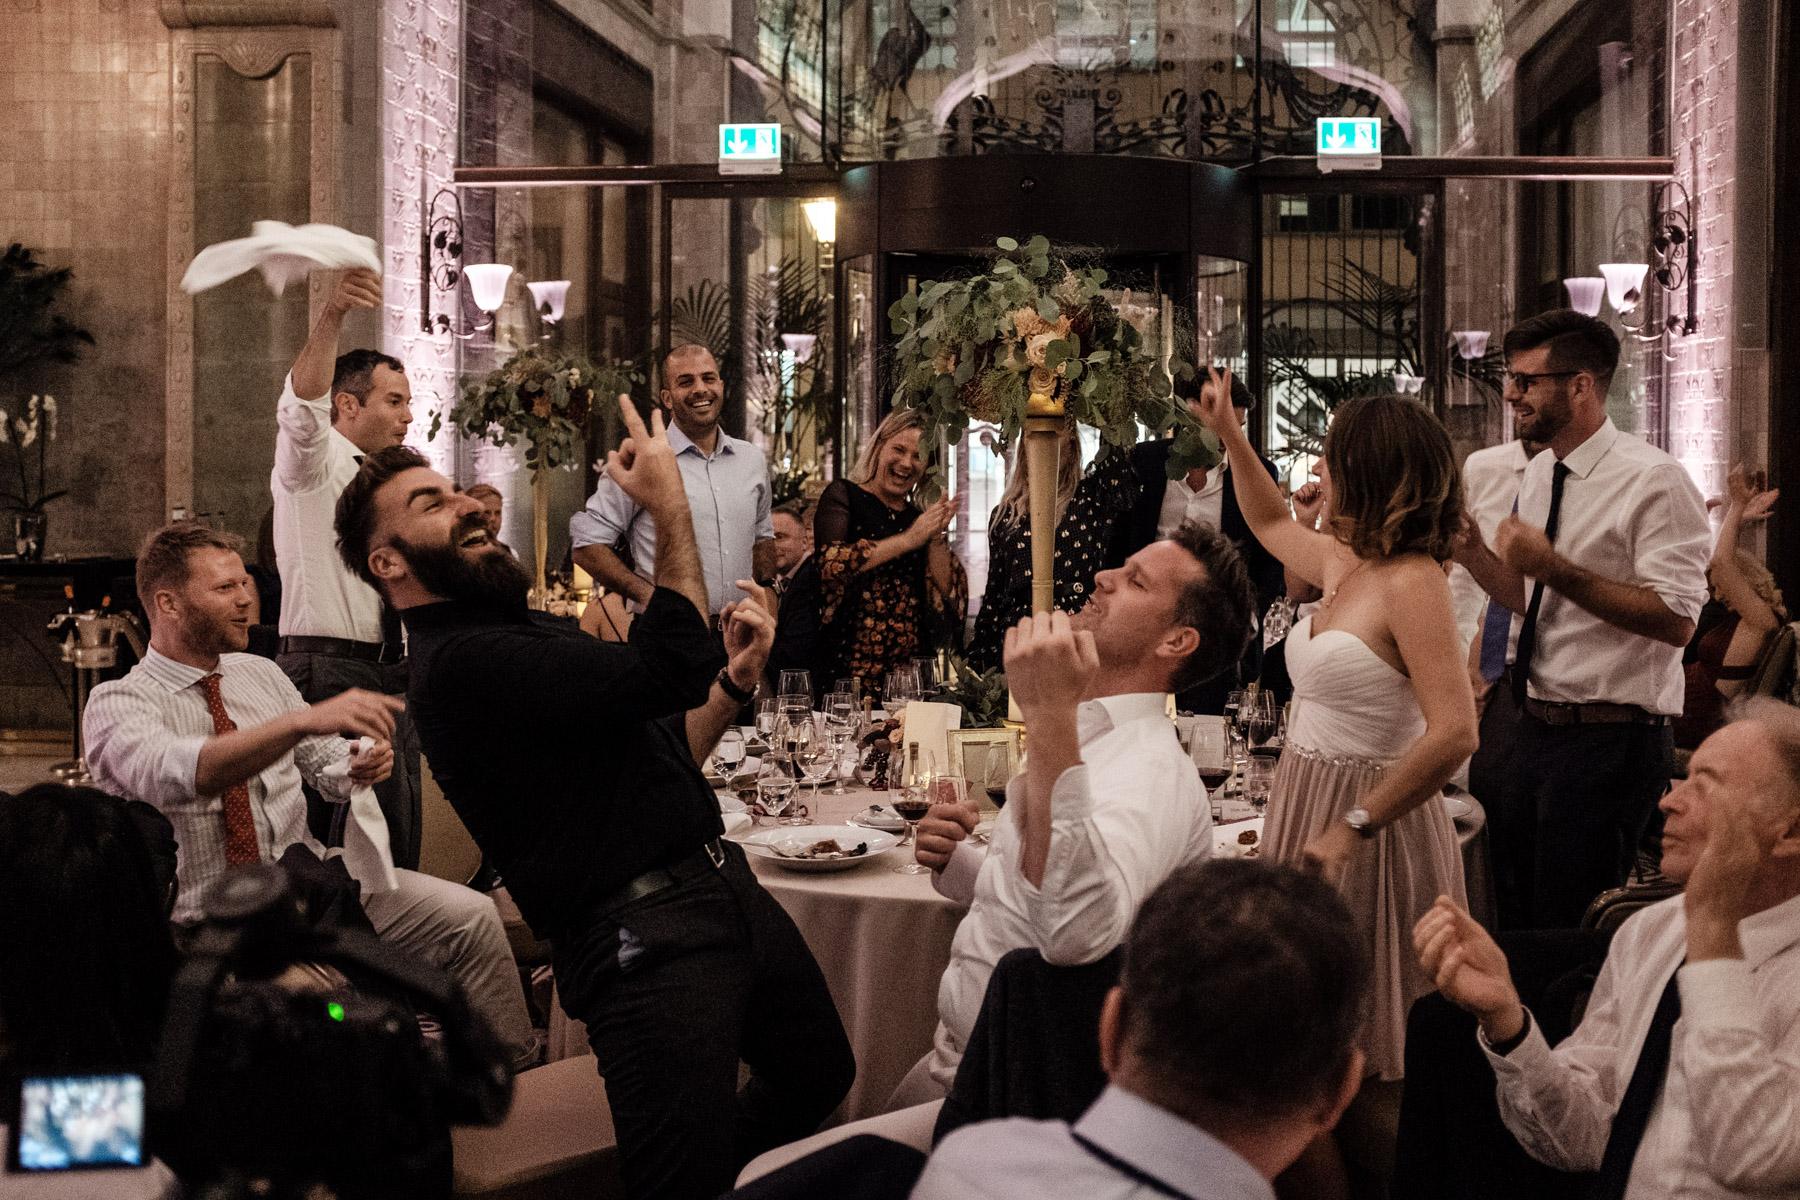 MartinLiebl_Kein_Hochzeitsfotograf_No_Wedding_Photographer_Budapest_Gresham_Palace_070.jpg